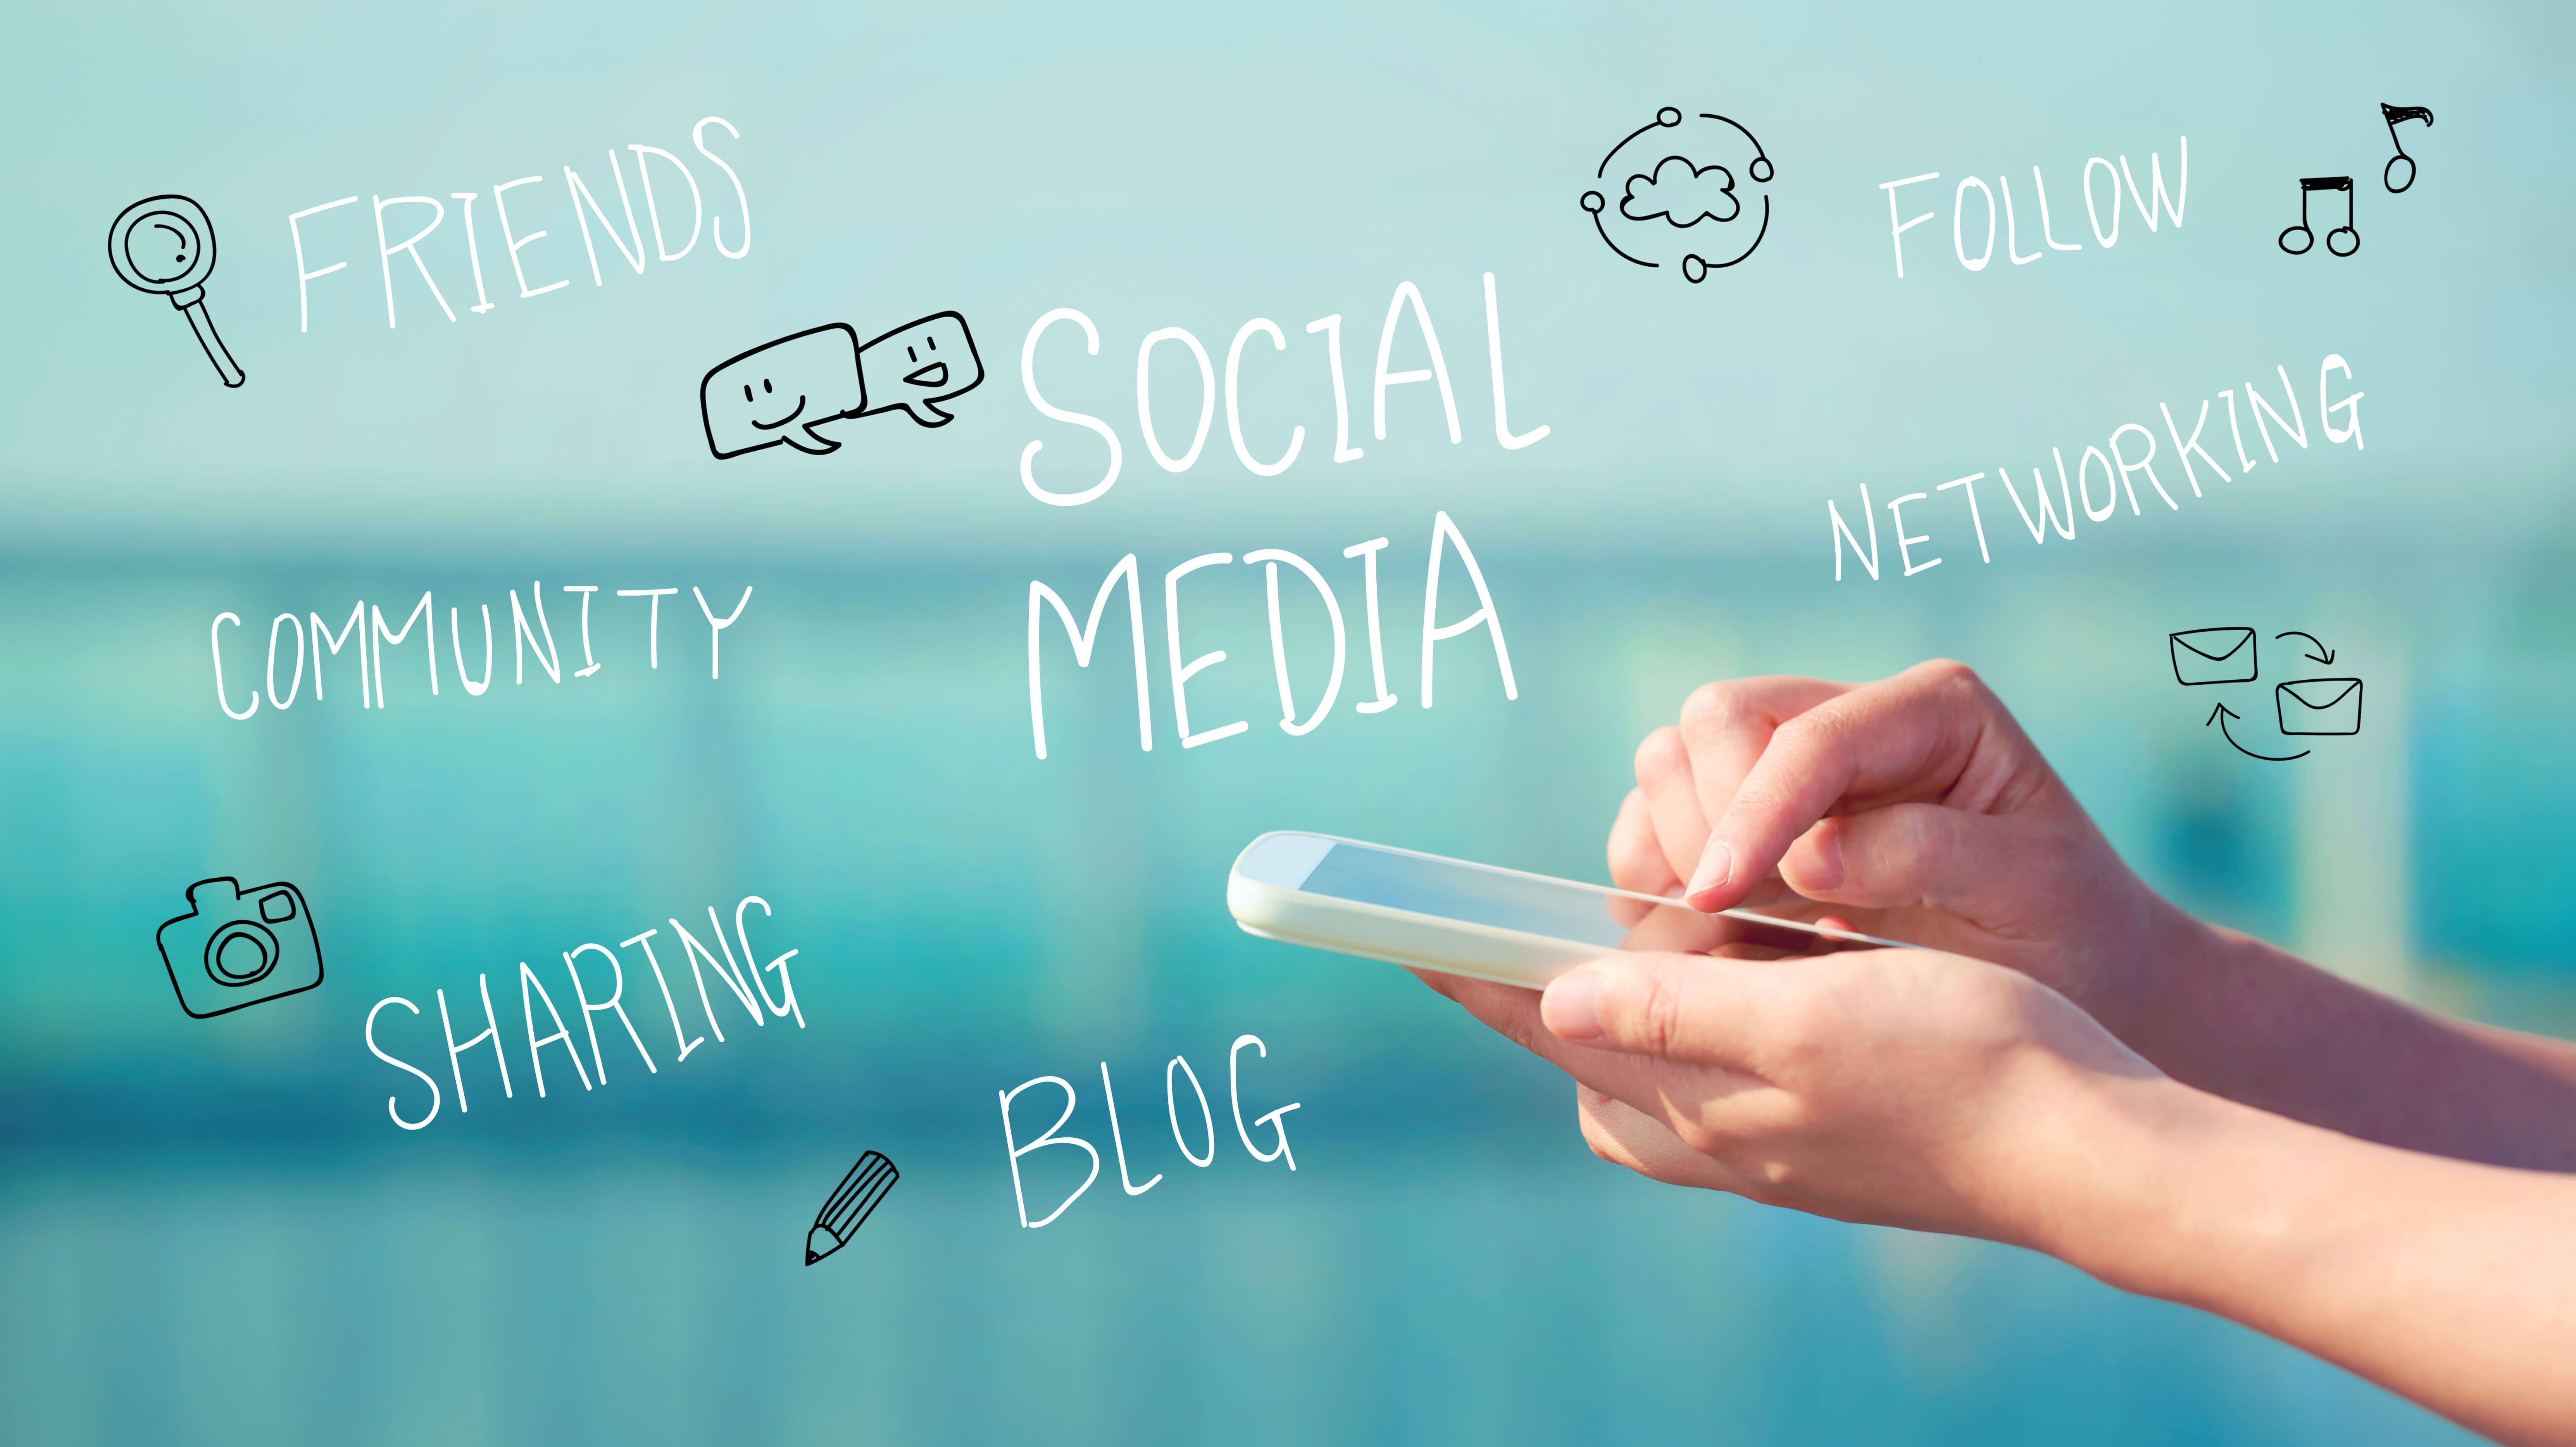 Facebook i Instagram to media w których musisz skrócić dystans, jeśli chcesz osiągnąć sukces. LinkedIn i Twitter mogą być już bardziej formalne, ale wciąż musisz pamiętać o tym, że piszesz do ludzi!